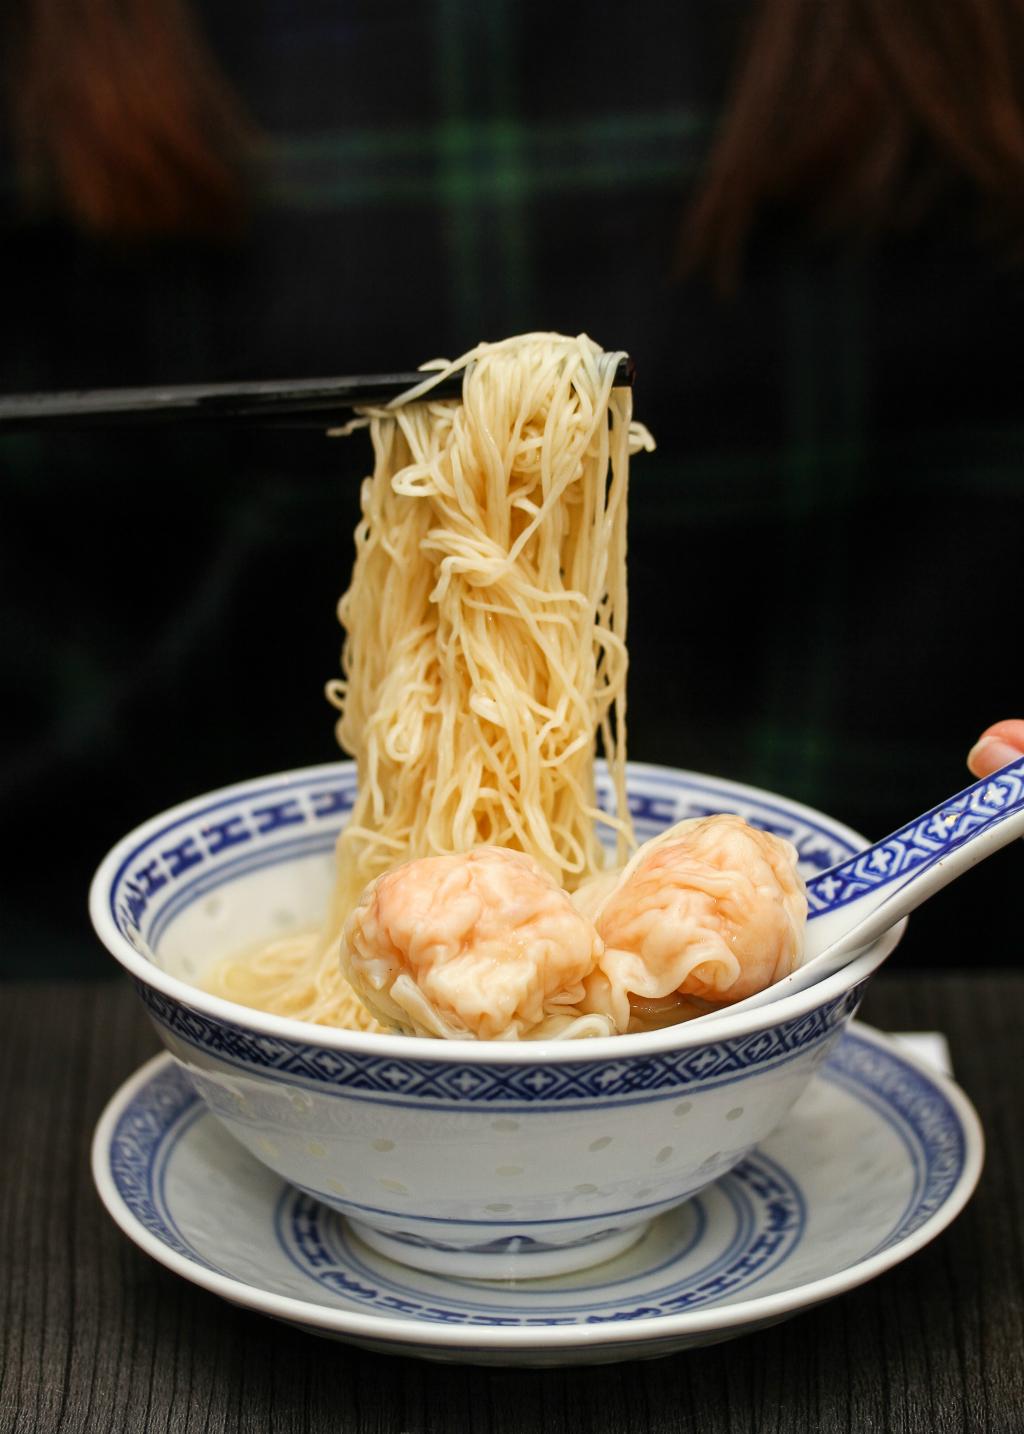 Mak's Noodle: Wanton Noodle Soup